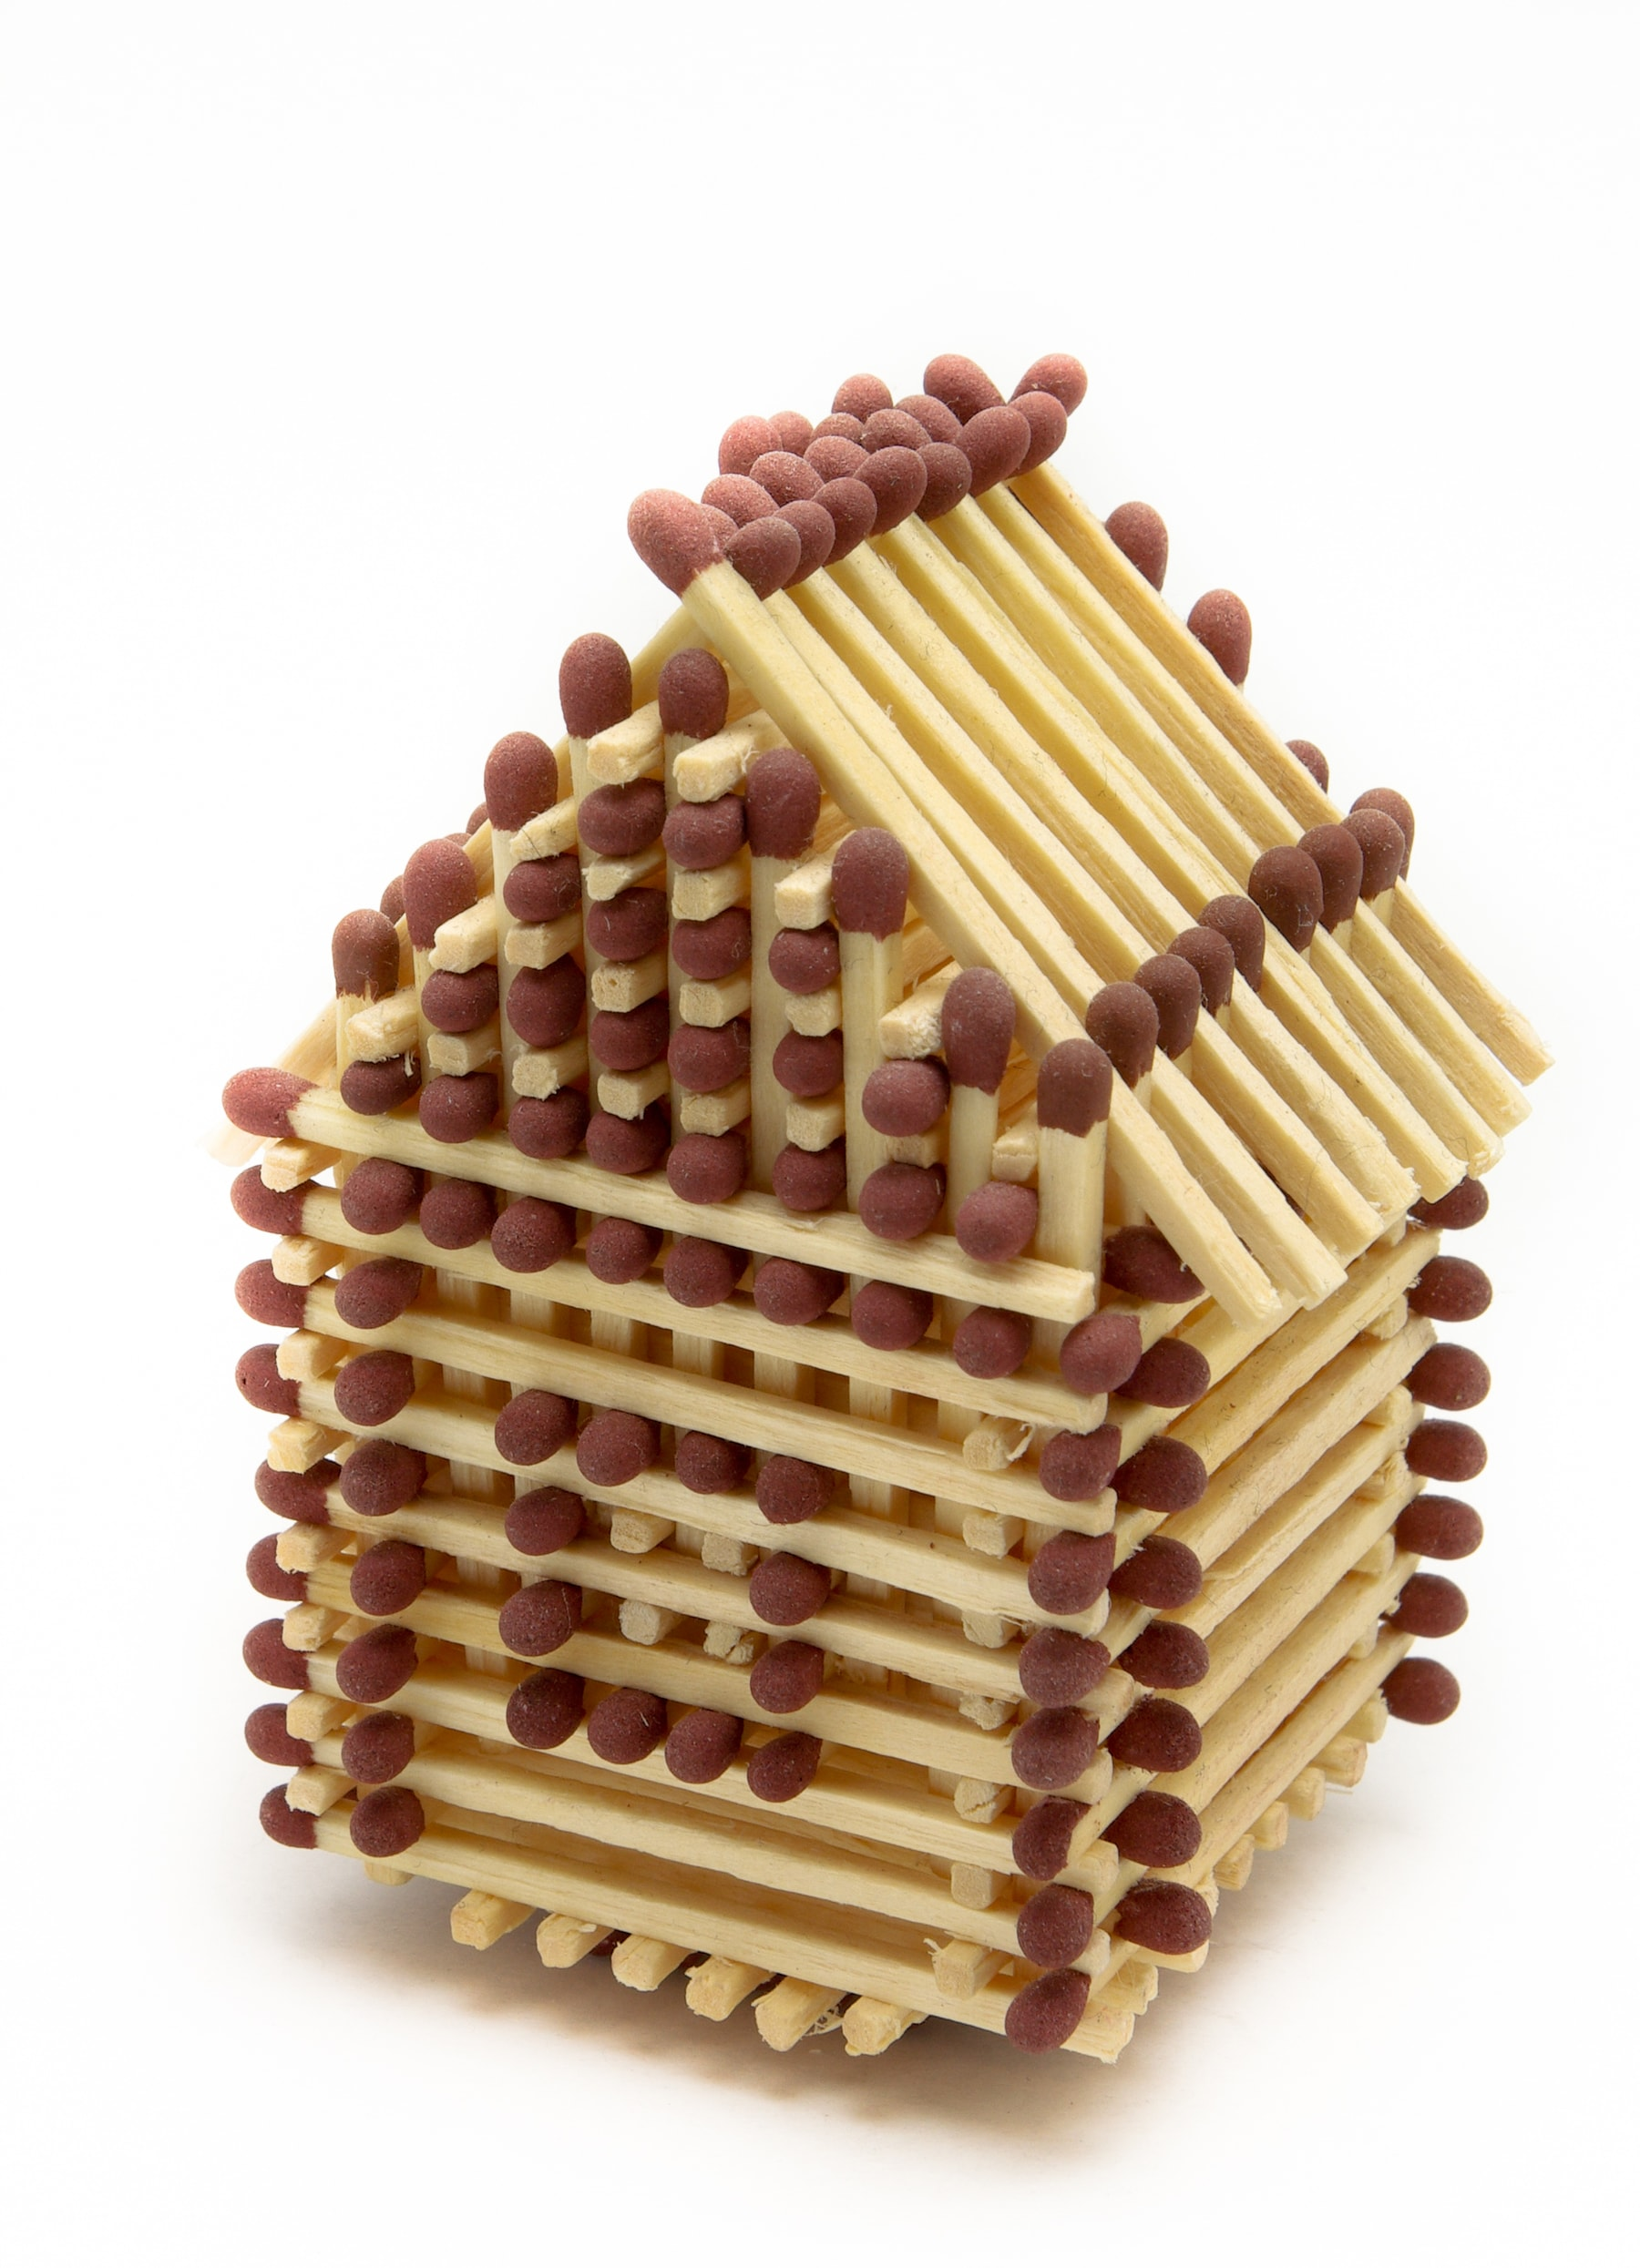 Acheter sa maison vautil mieux construire sa maison ou for Acheter un terrain pour construire